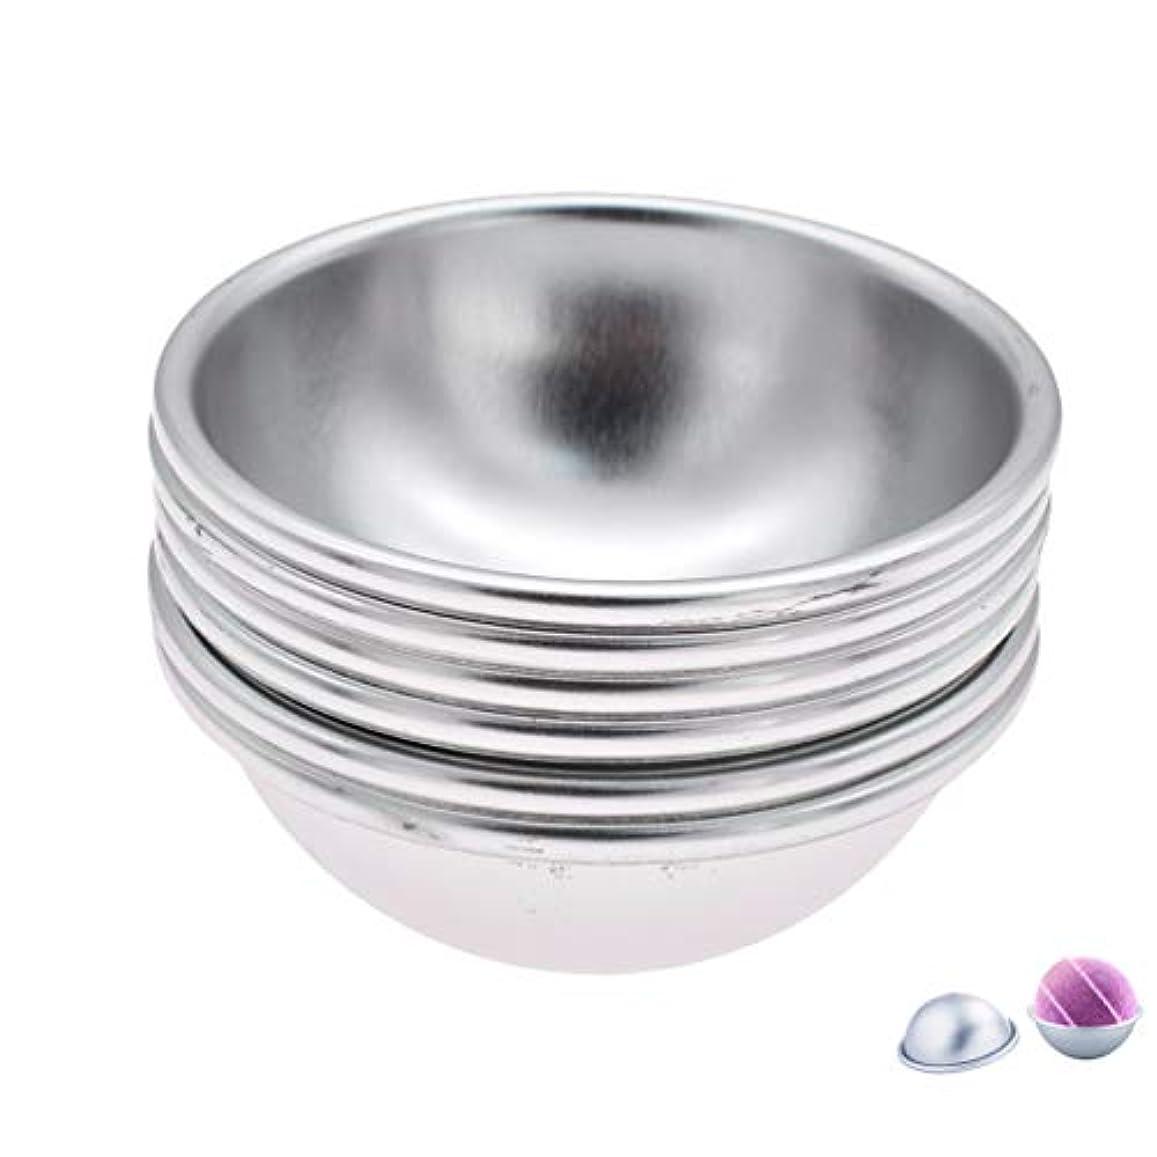 運動スロベニア本気(ライチ) Lychee 6個セット バスボム型 石鹸製造ツールセット 円形金型 DIYソープ ハンドメイド 食品にも使用可 ケーキ型 お菓子型